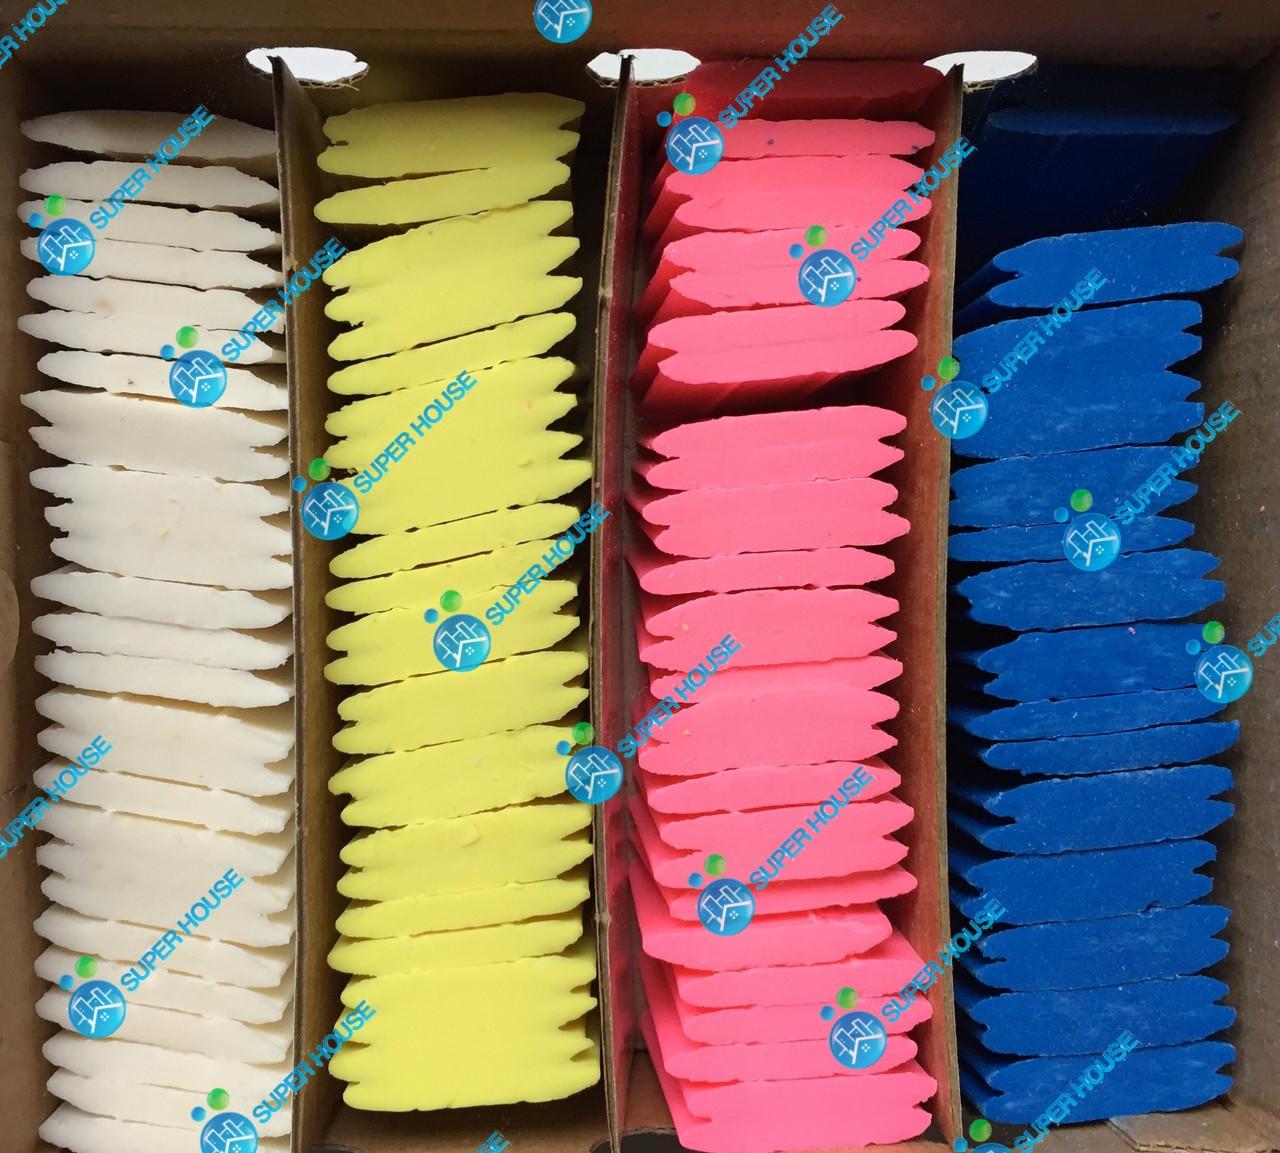 Мел невидимка для разметки, мыло портновское STRONG. 100 шт. в упаковке (4 цвета)